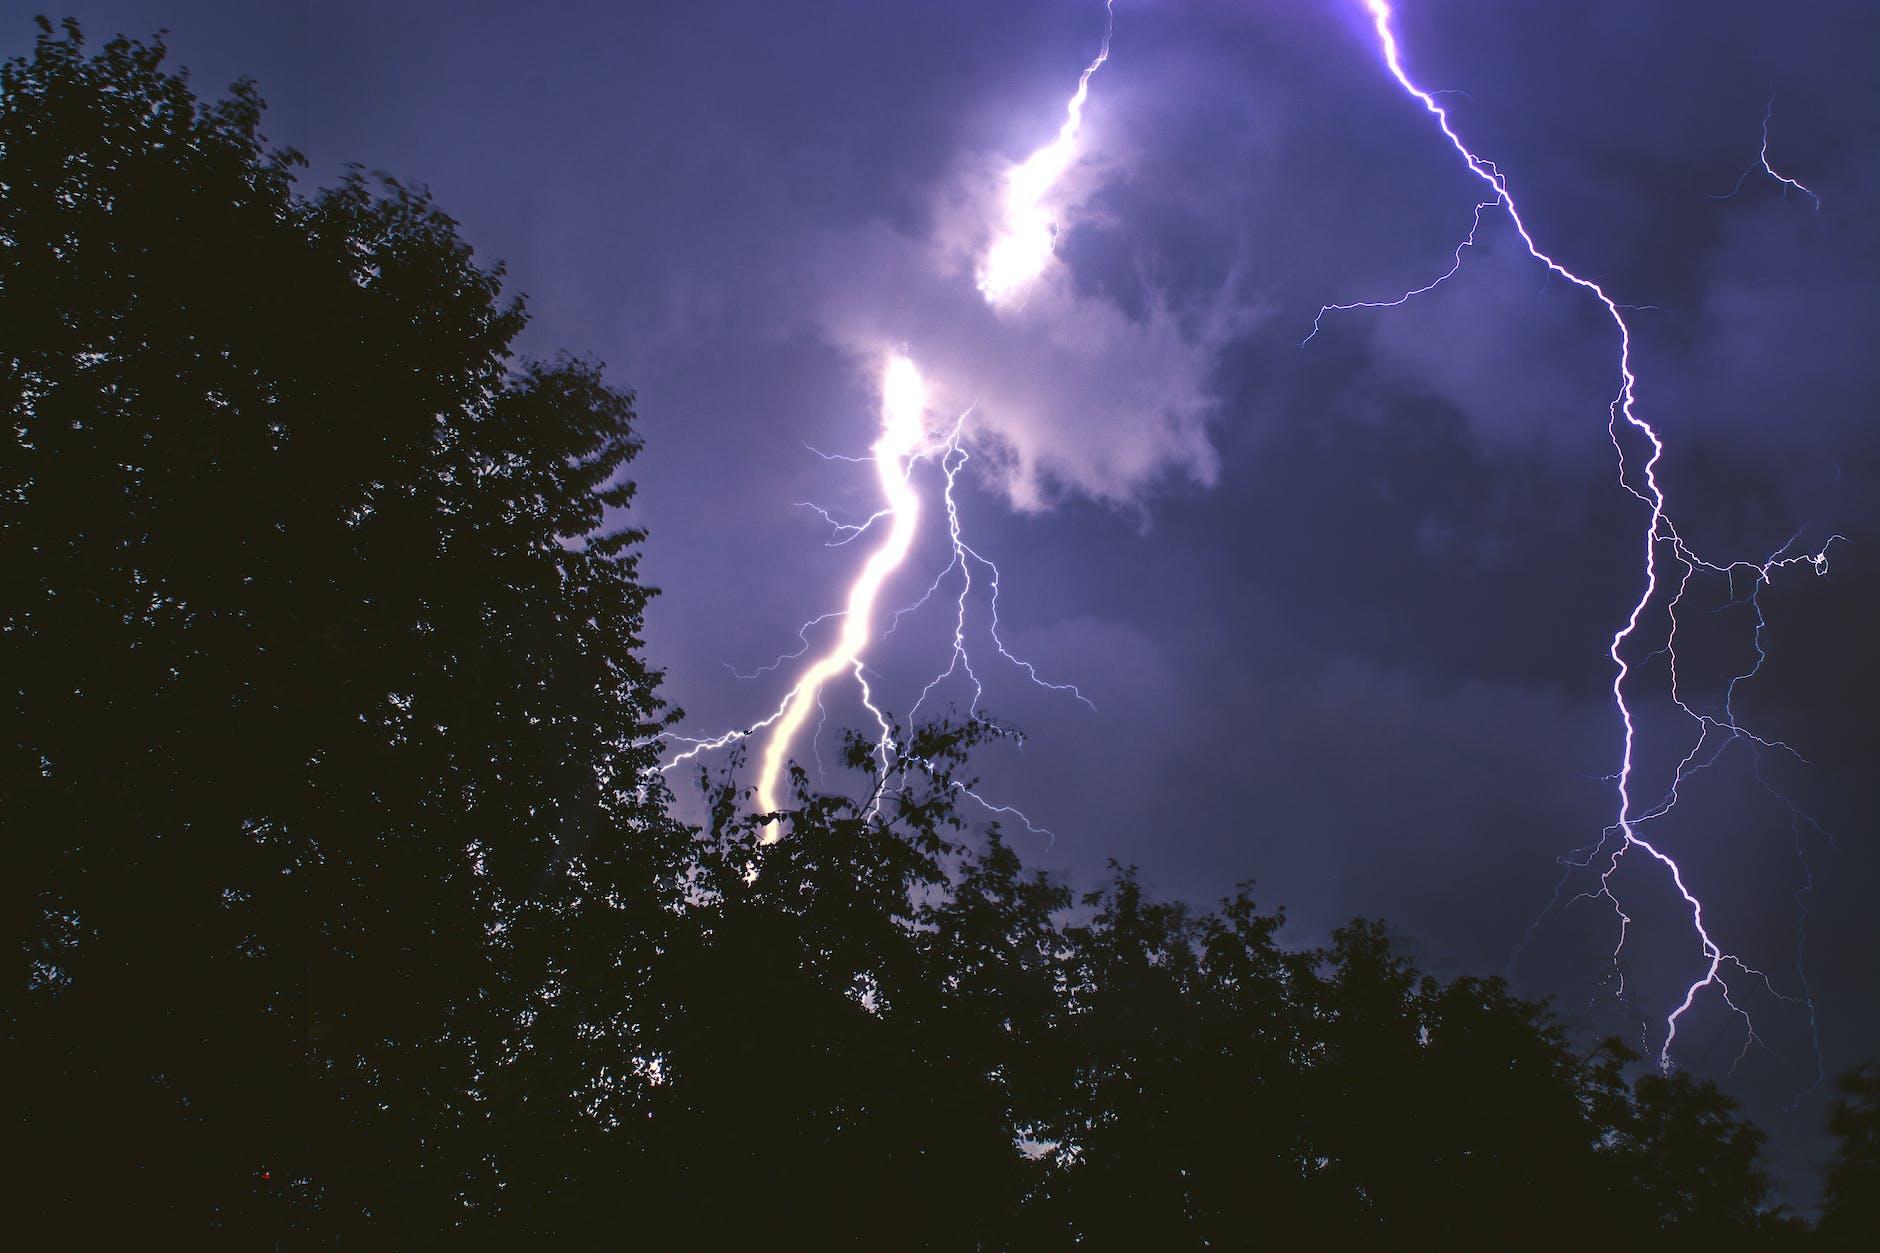 Danger & Environnement : quels sont les risques liés à la foudre ?